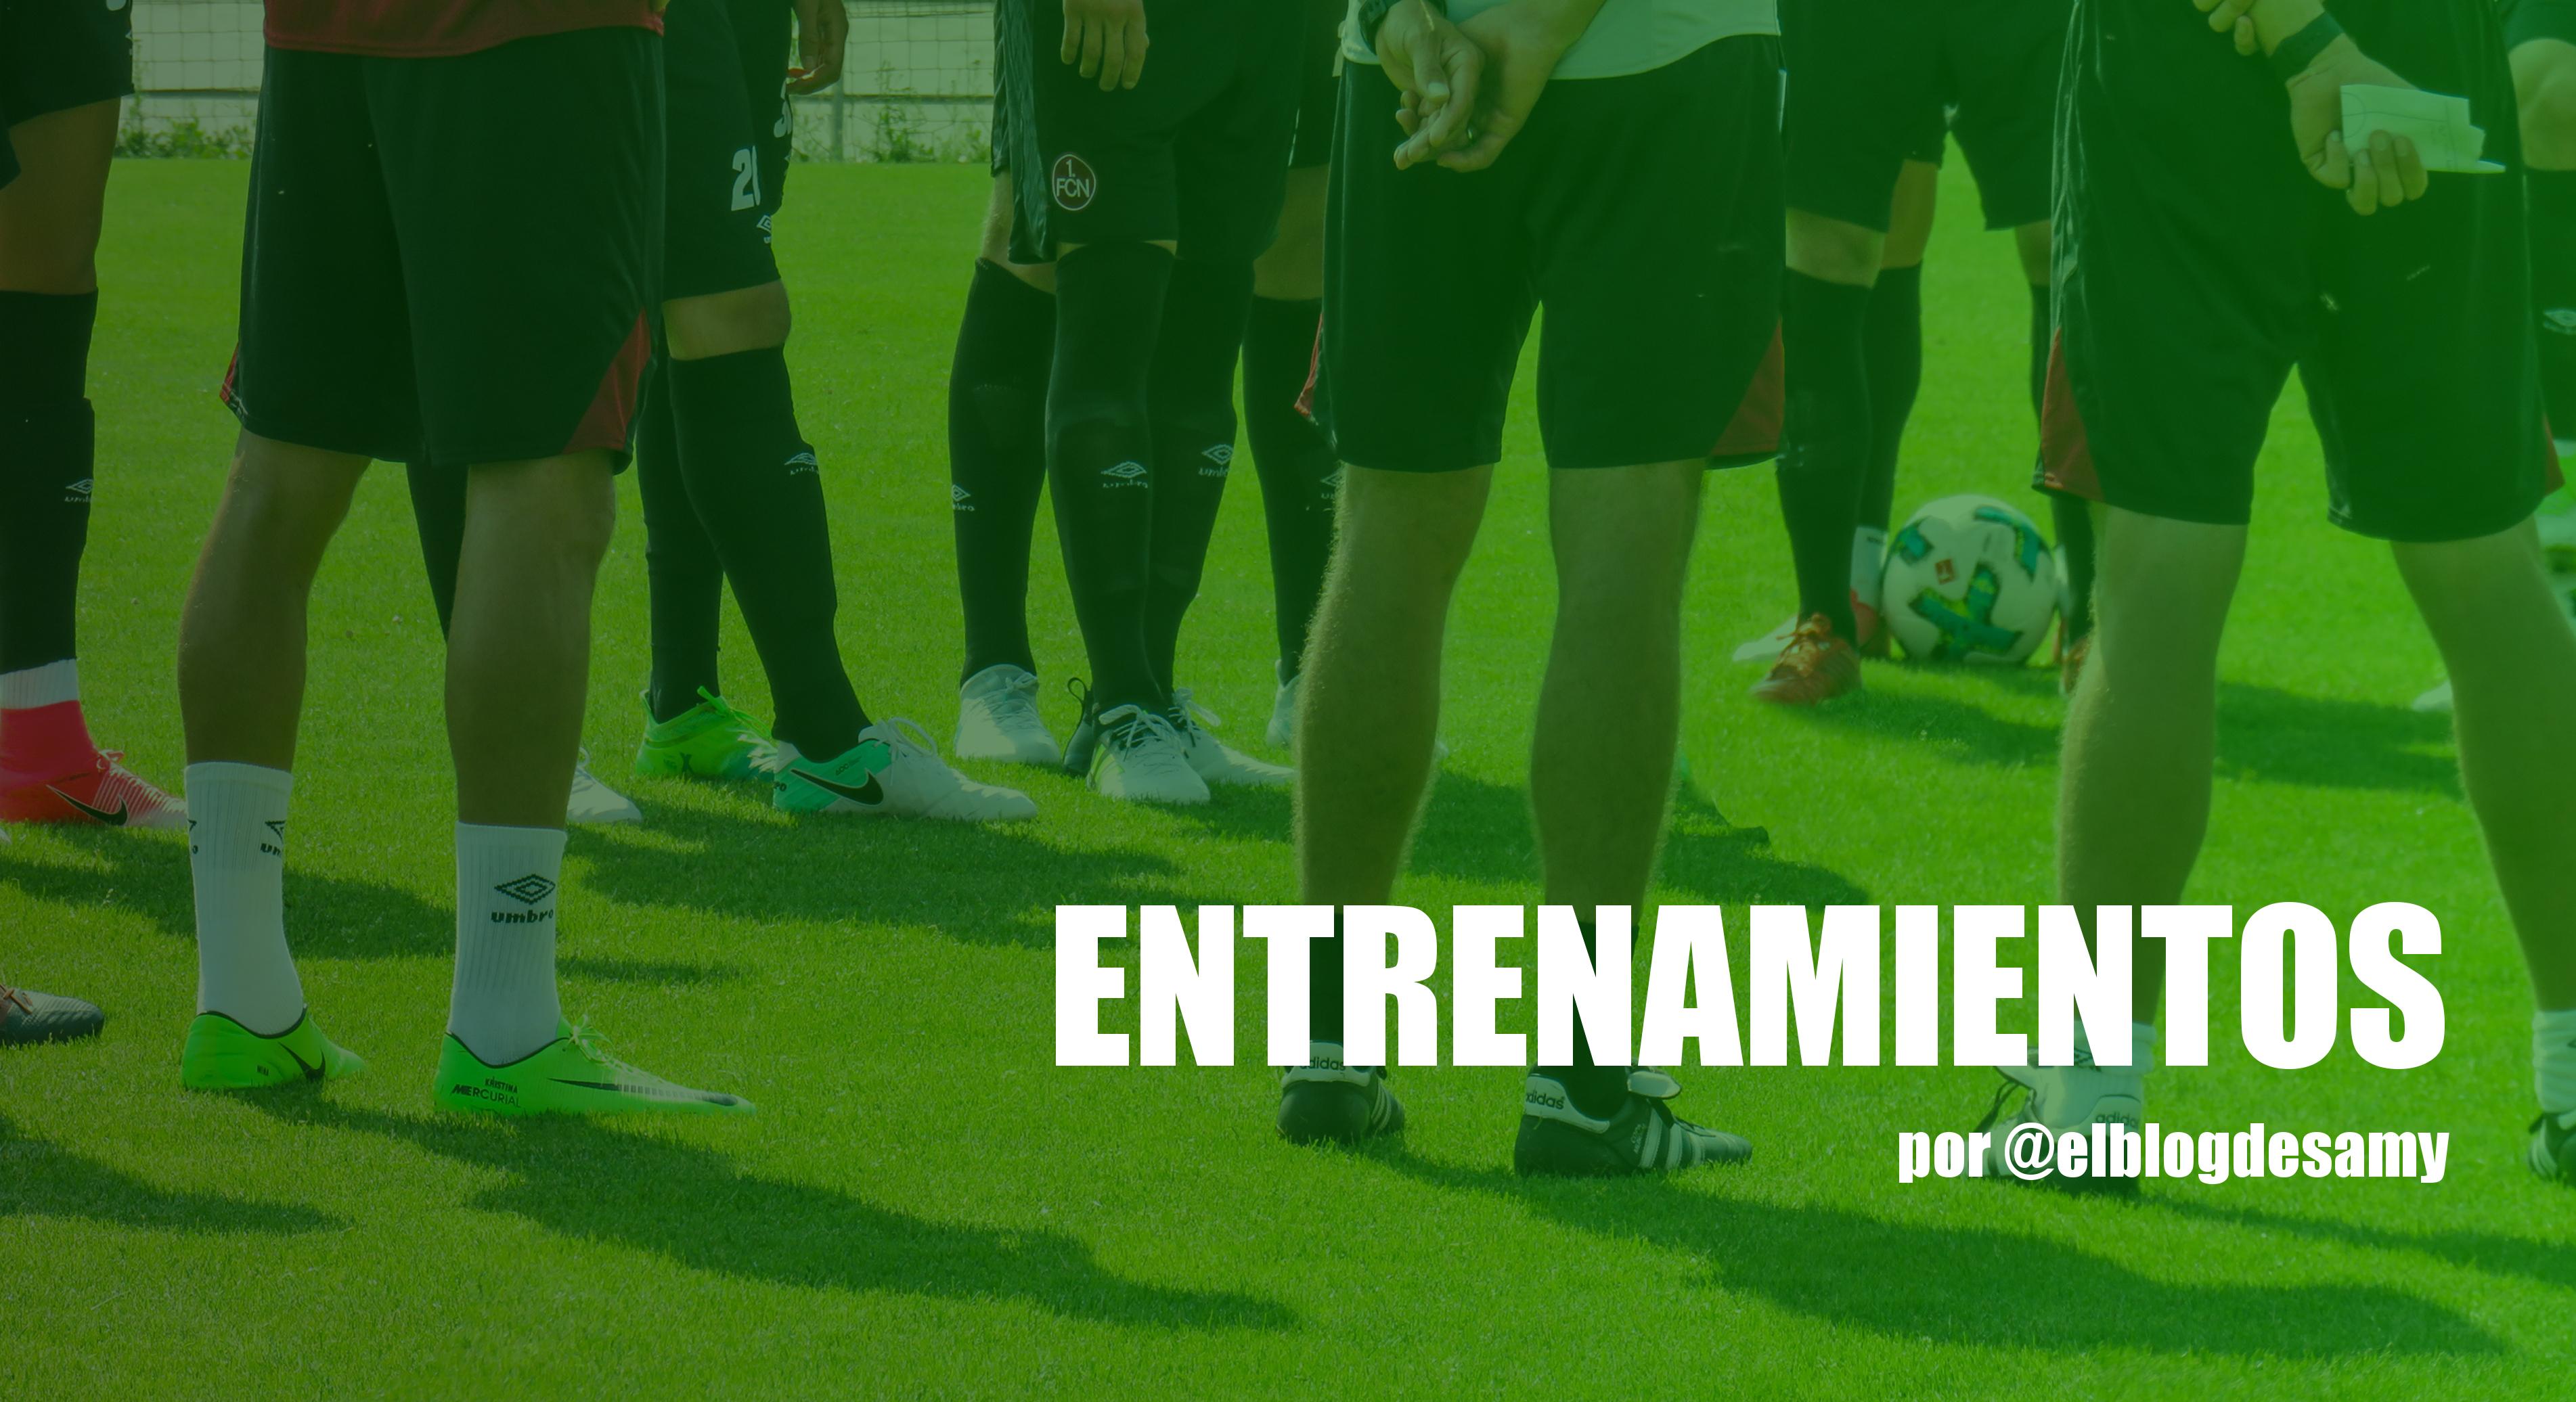 Circuito Tecnico Futbol : Circuito fÍsico tÉcnico fÚtbol el de samy